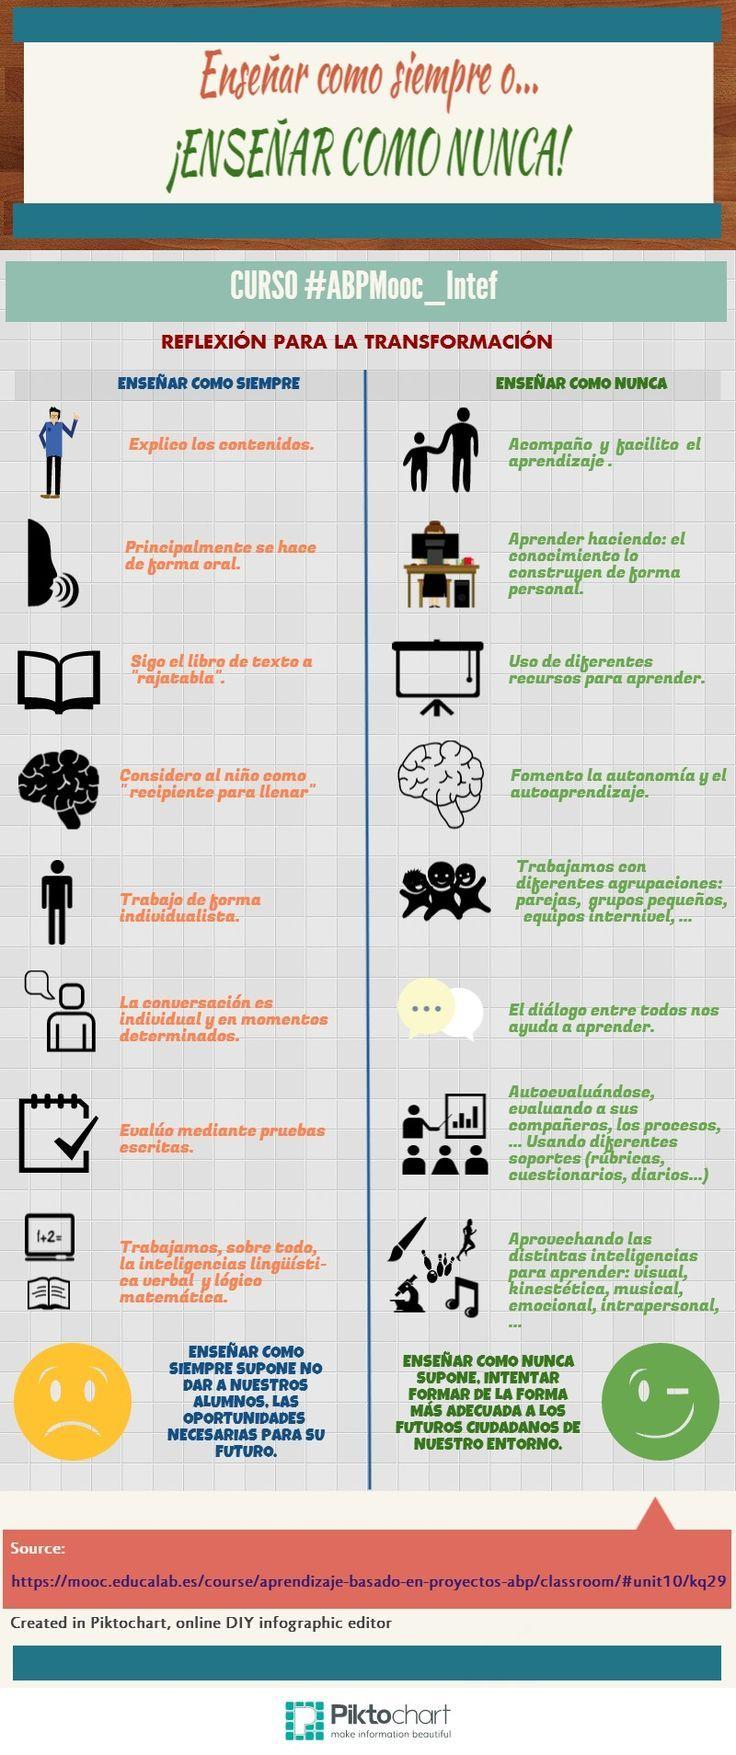 ¡Diferencias entre enseñar como siempre y enseñar como nunca! #umayor #estudiantes #educación: